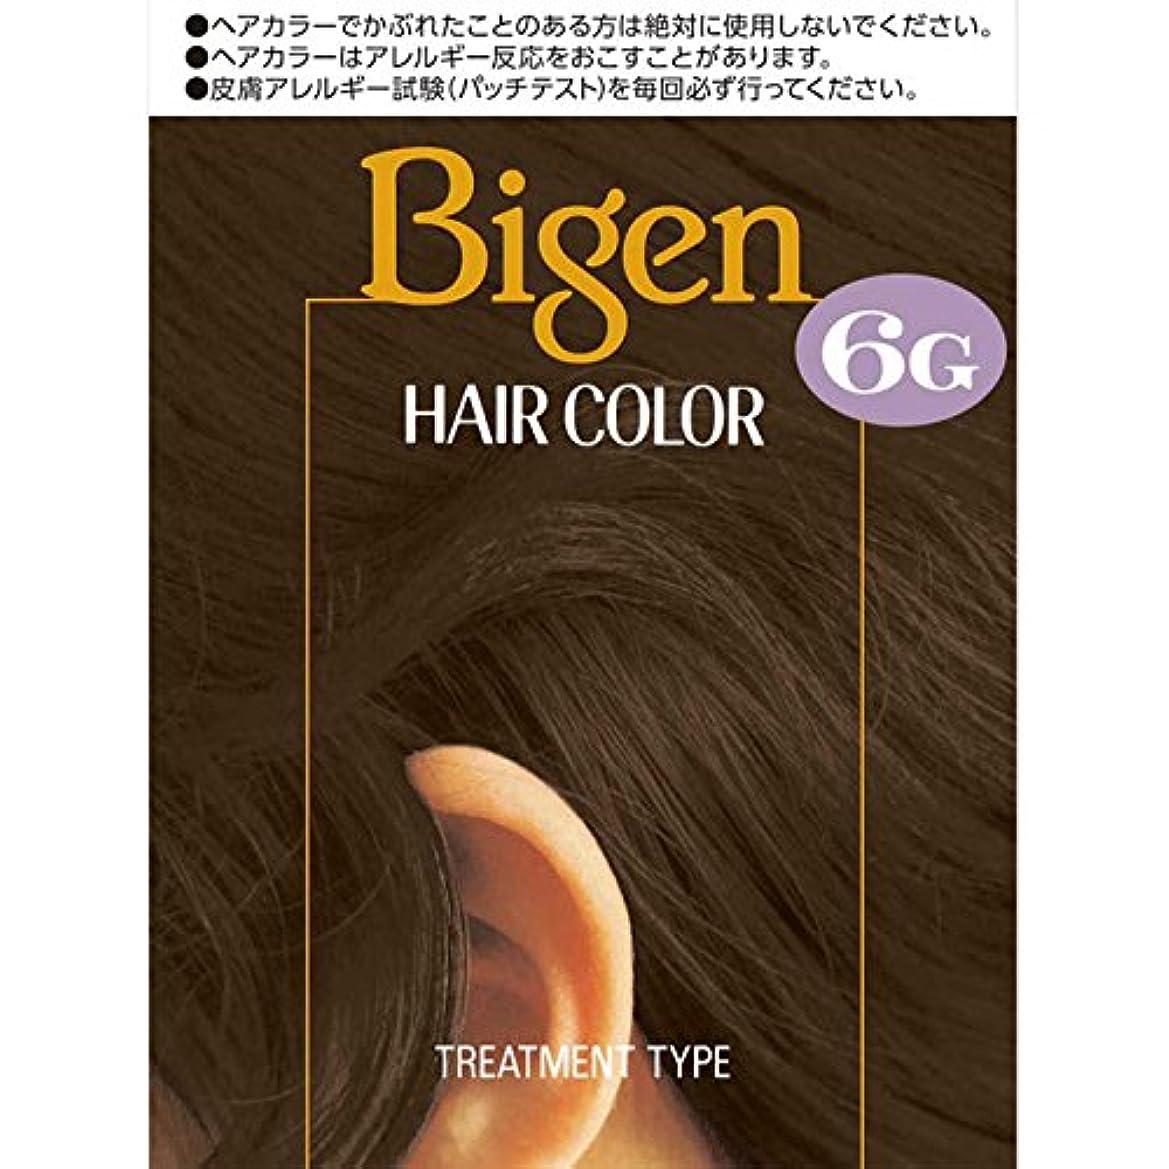 ホーユー ビゲン ヘアカラー 6G 自然な褐色 40ml×2